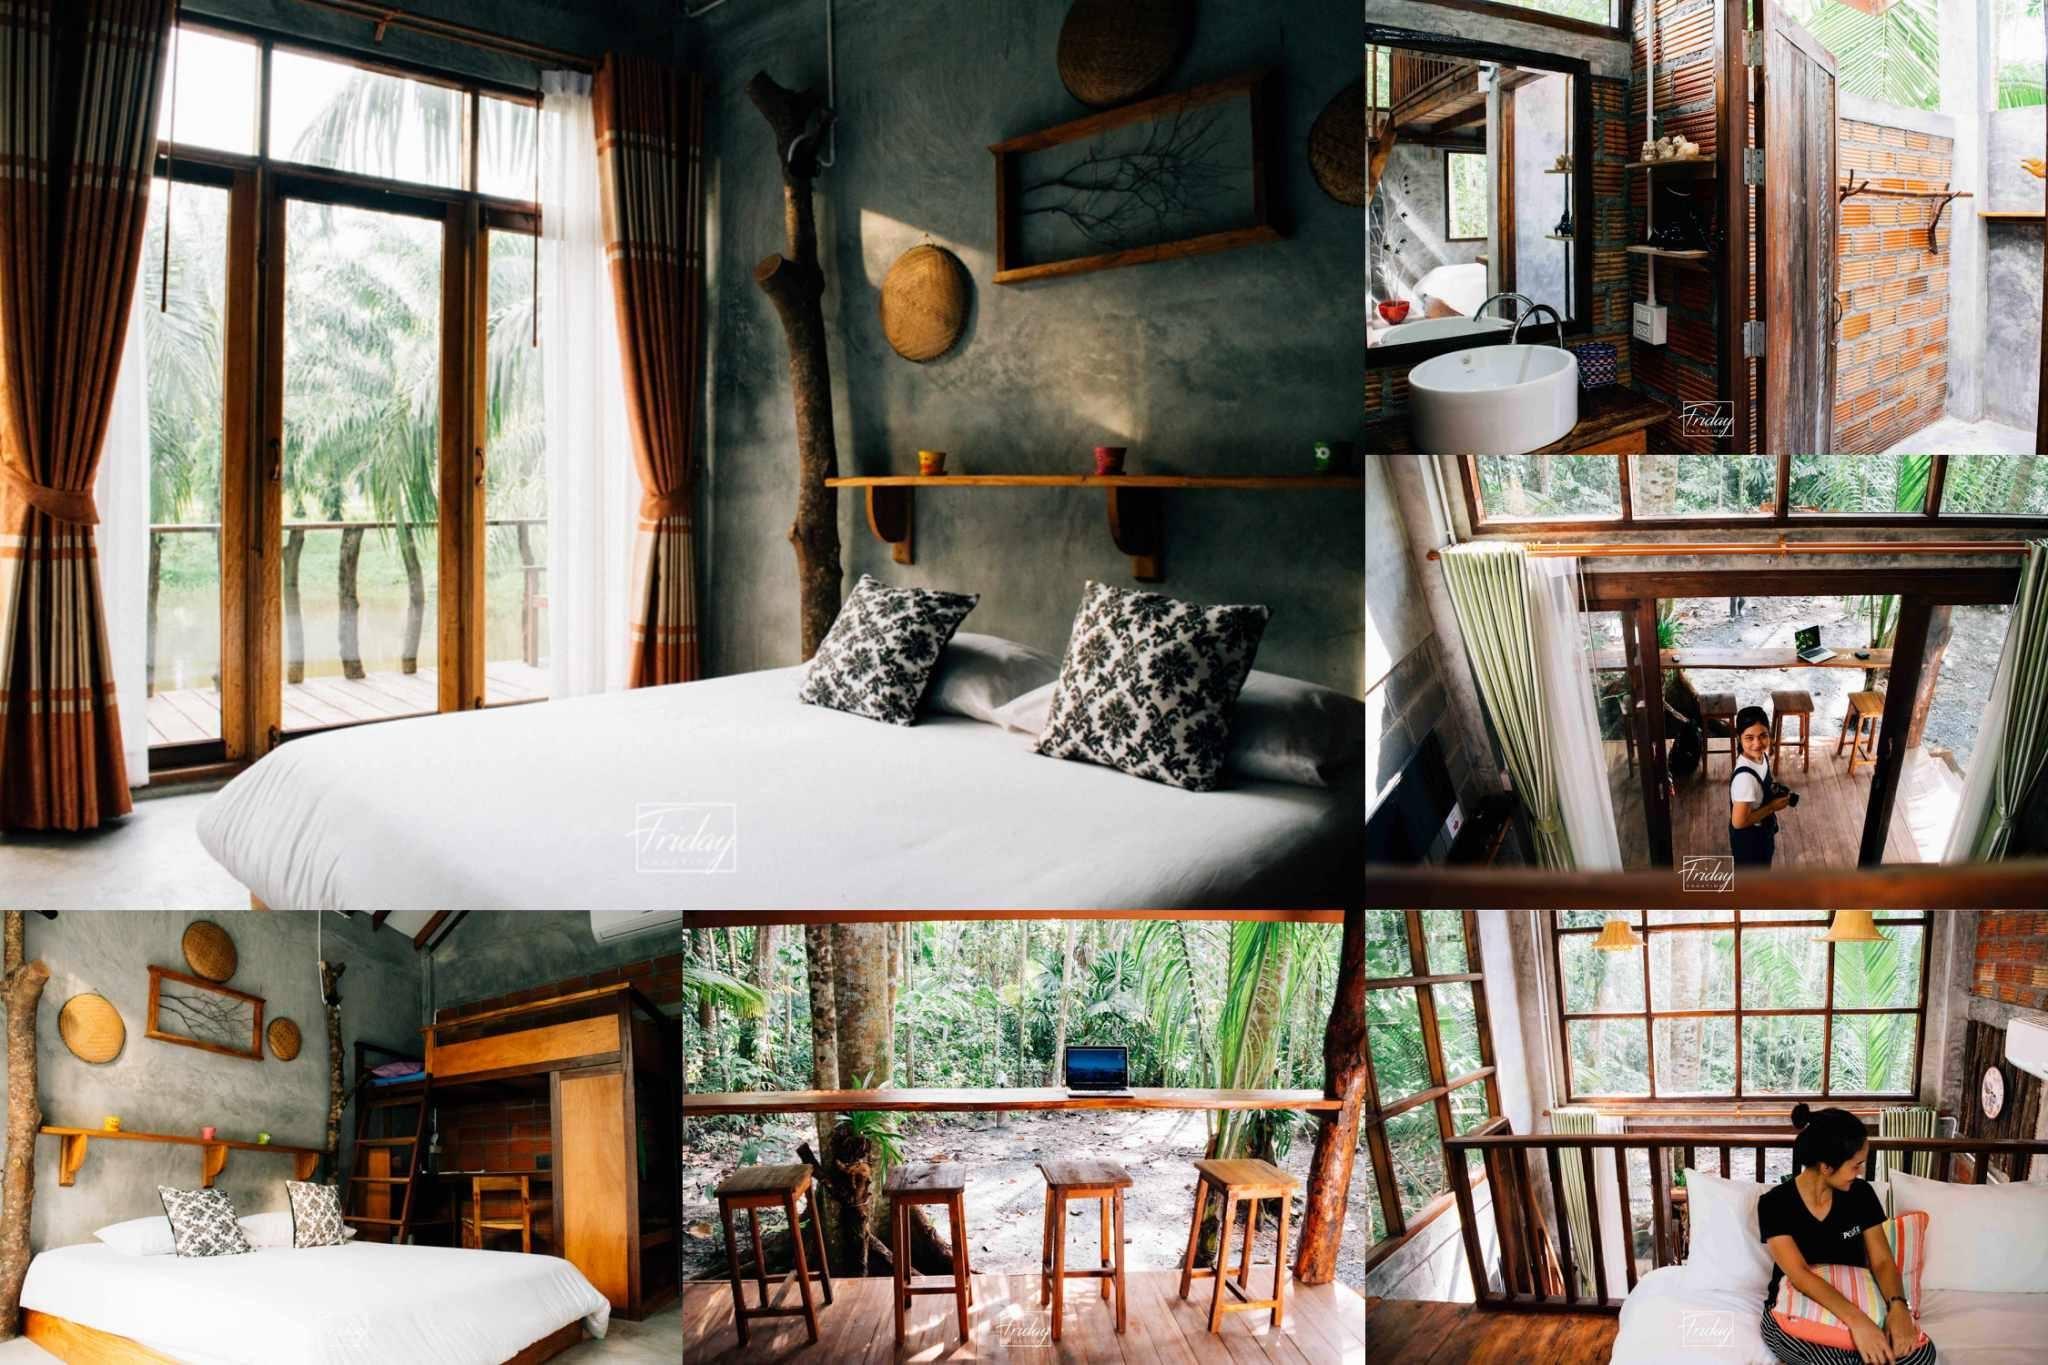 ที่สุดแห่งฟาร์มสเตย์-ได้บรรยากาศที่เรียกว่าเงียบสงบ-กลางป่าจริงๆครับ-ด้วยห้องพักที่สะดวกสบายการตกแต่งนี่-10/10-จริงๆครับผม  ที่พัก,นครศรีธรรมราช,โรมแรม,รีสอร์ท,อพาร์ทเม้นต์,กลางเมือง,ห้องพัก,วิวหลักล้าน,คาเฟ่